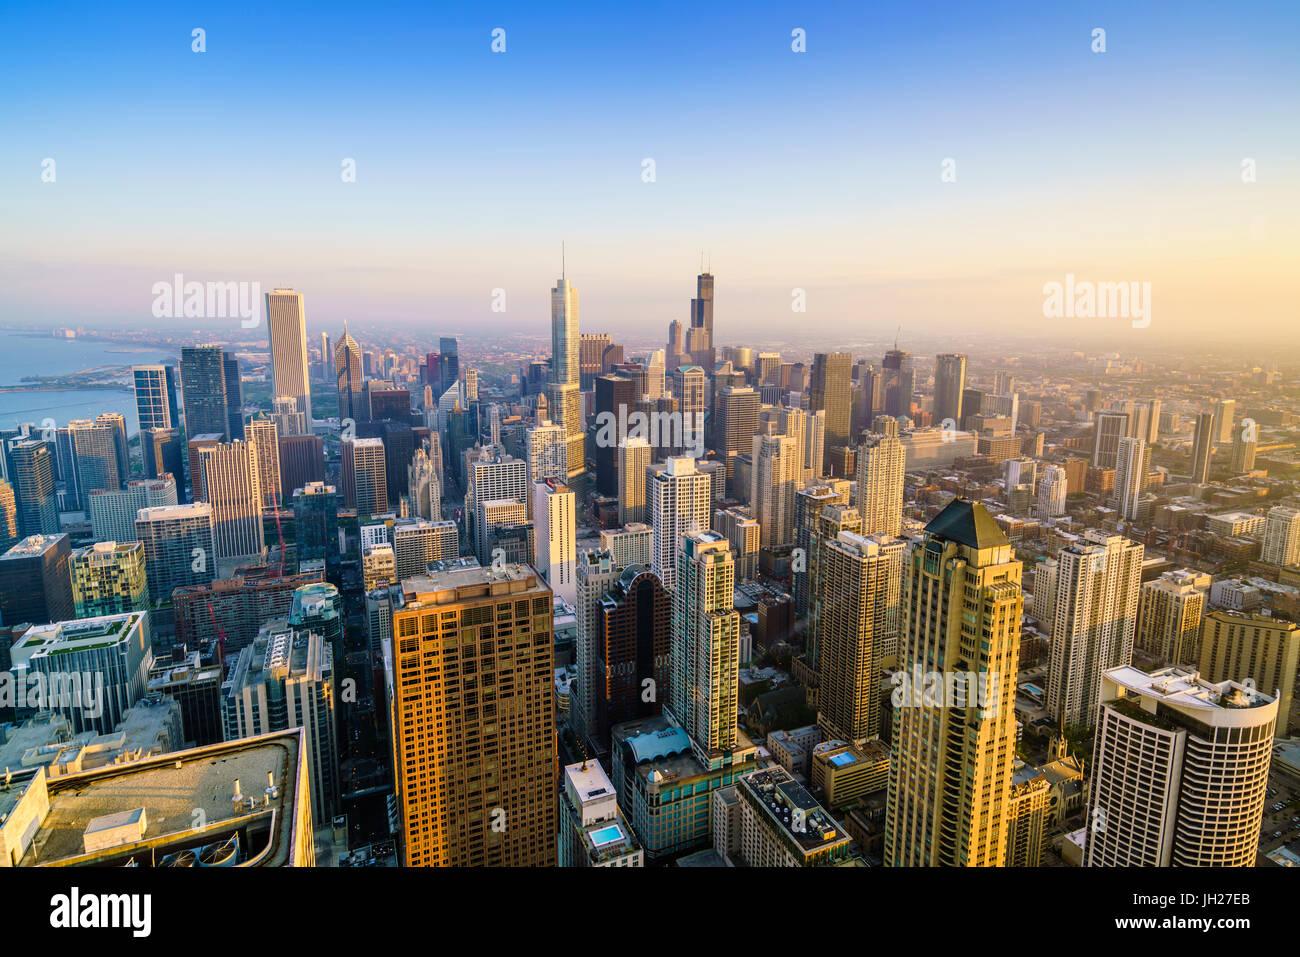 Sur les toits de la ville, Chicago, Illinois, États-Unis d'Amérique, Amérique du Nord Banque D'Images